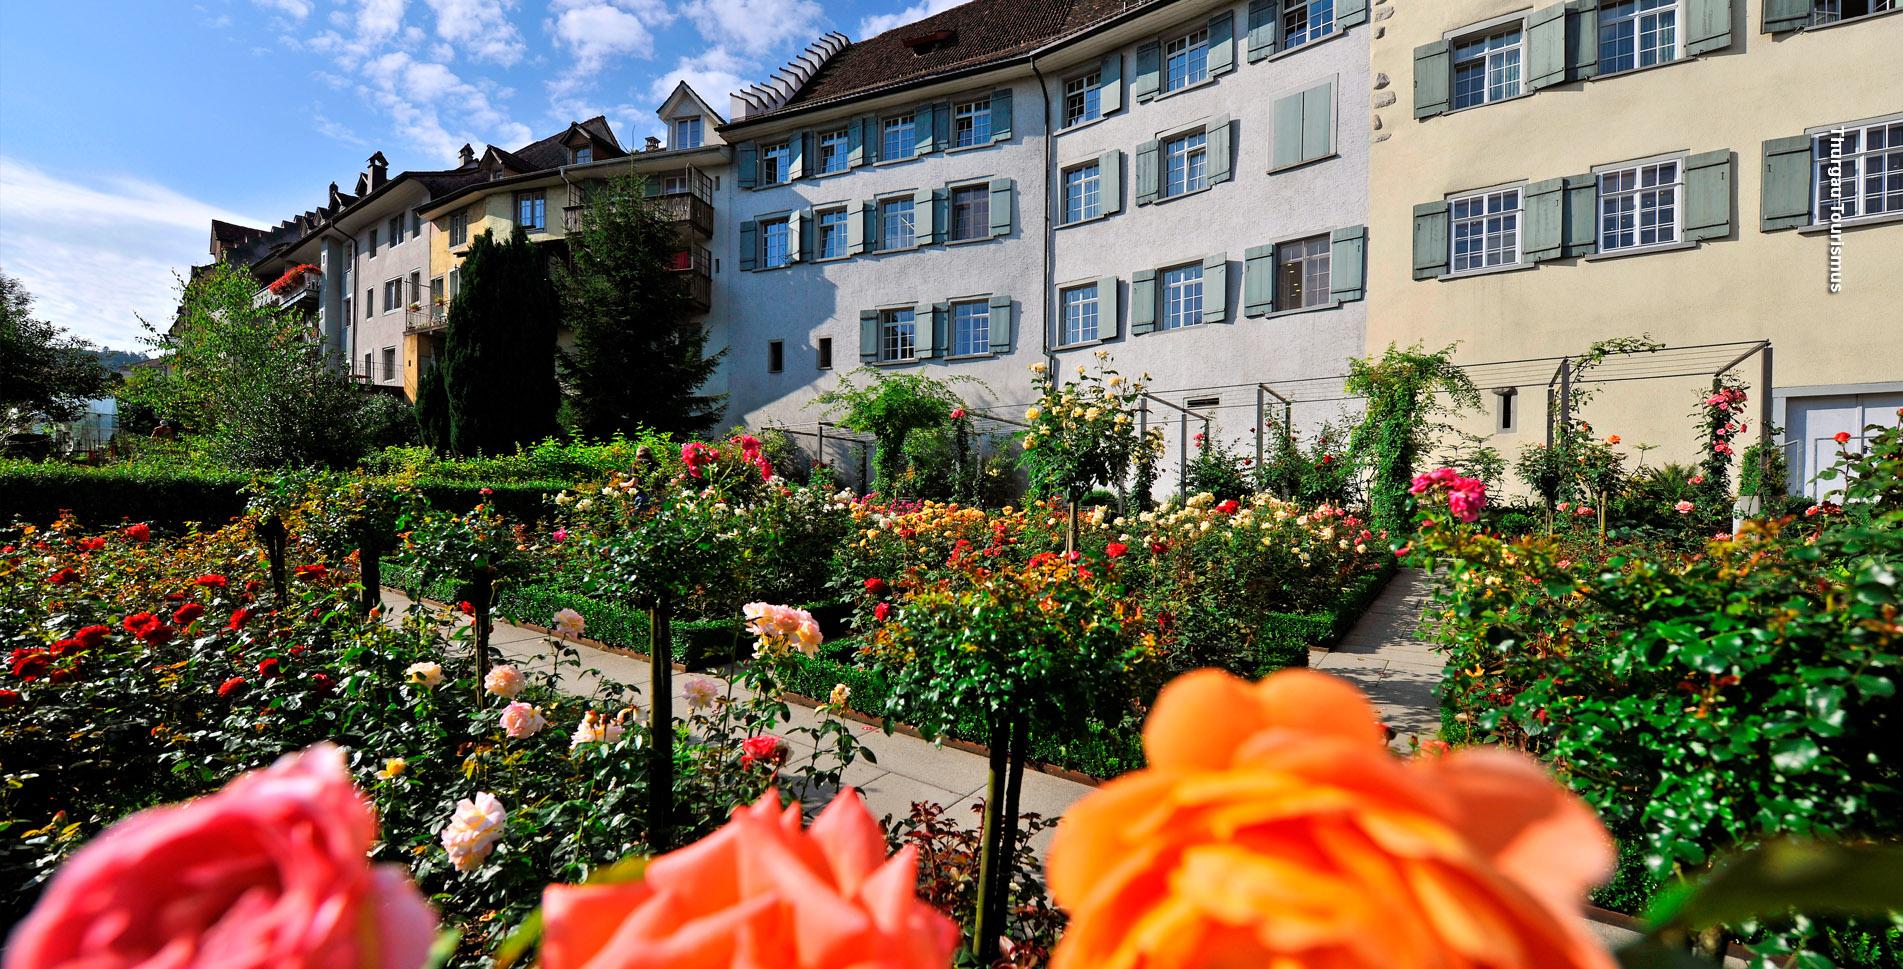 Wanderung auf dem Thurgauer PanoramawegvonBischofszell nachWil SG (Etappe 2). Auf dem nur gerade734 Meter hohen Nollen, die Rigi des Thurgaus, bietet sich eine fantastische Rundsichtvom Bodensee bis in dieAlpen.